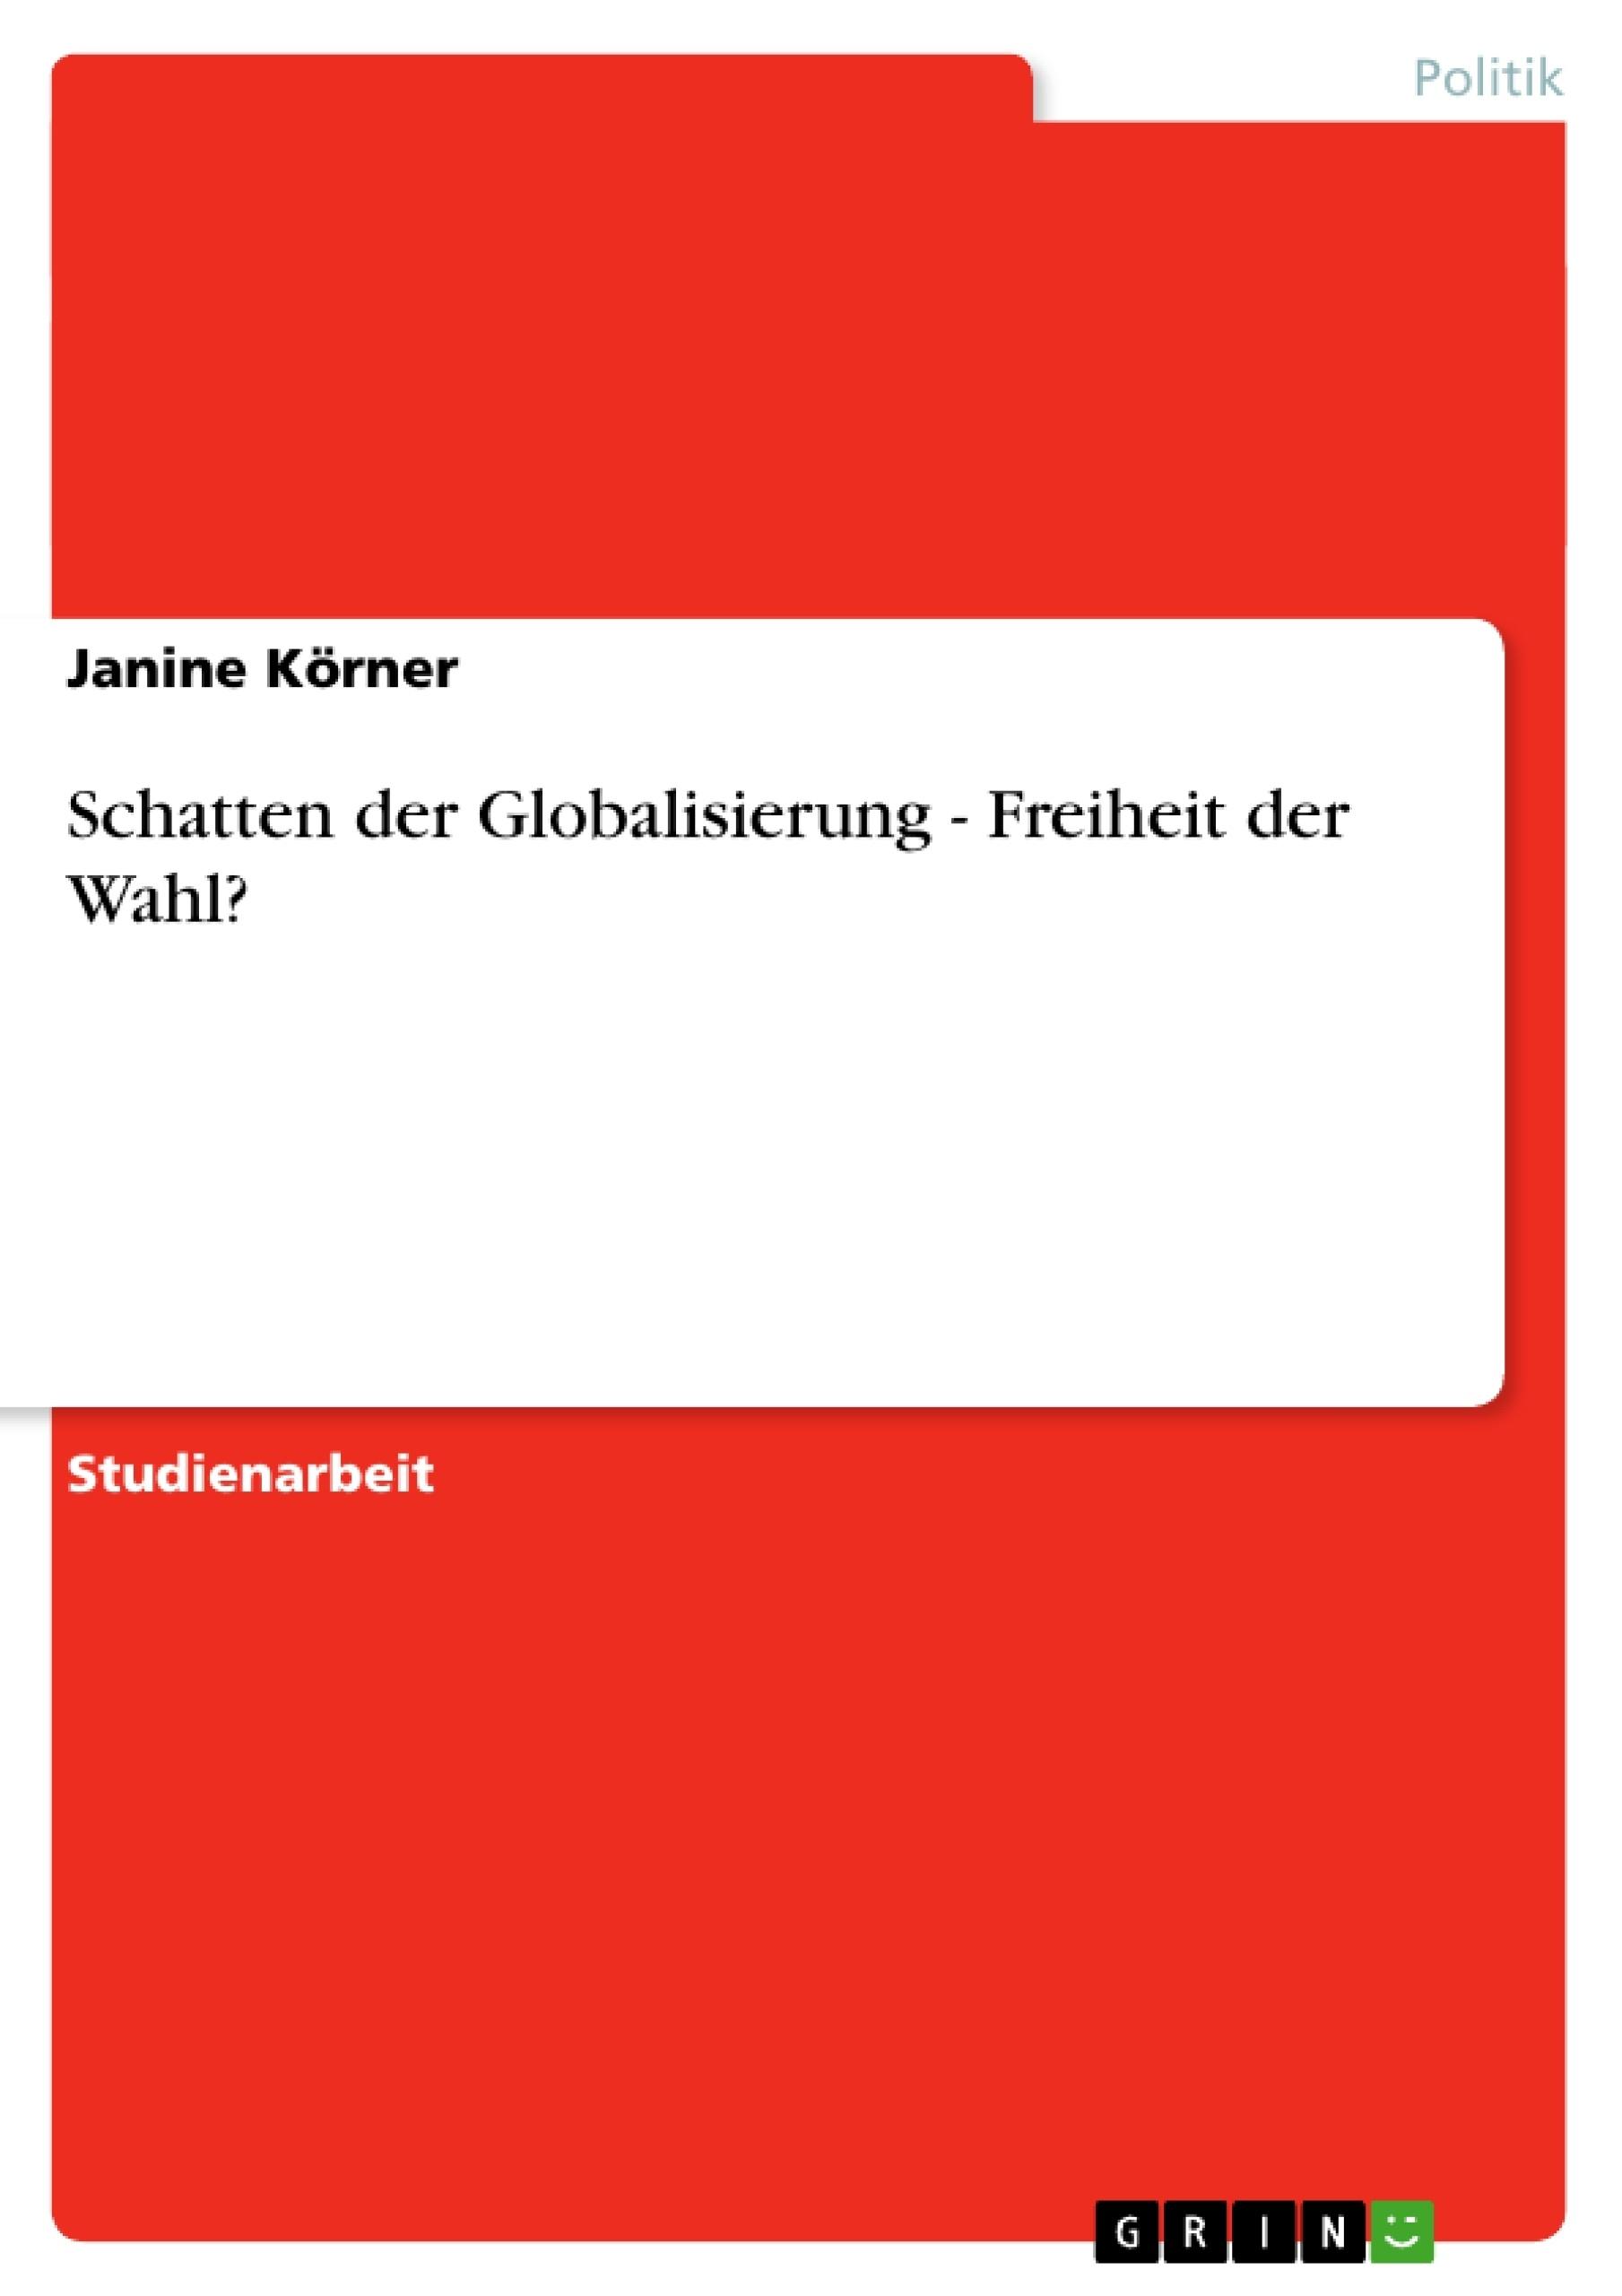 Titel: Schatten der Globalisierung - Freiheit der Wahl?